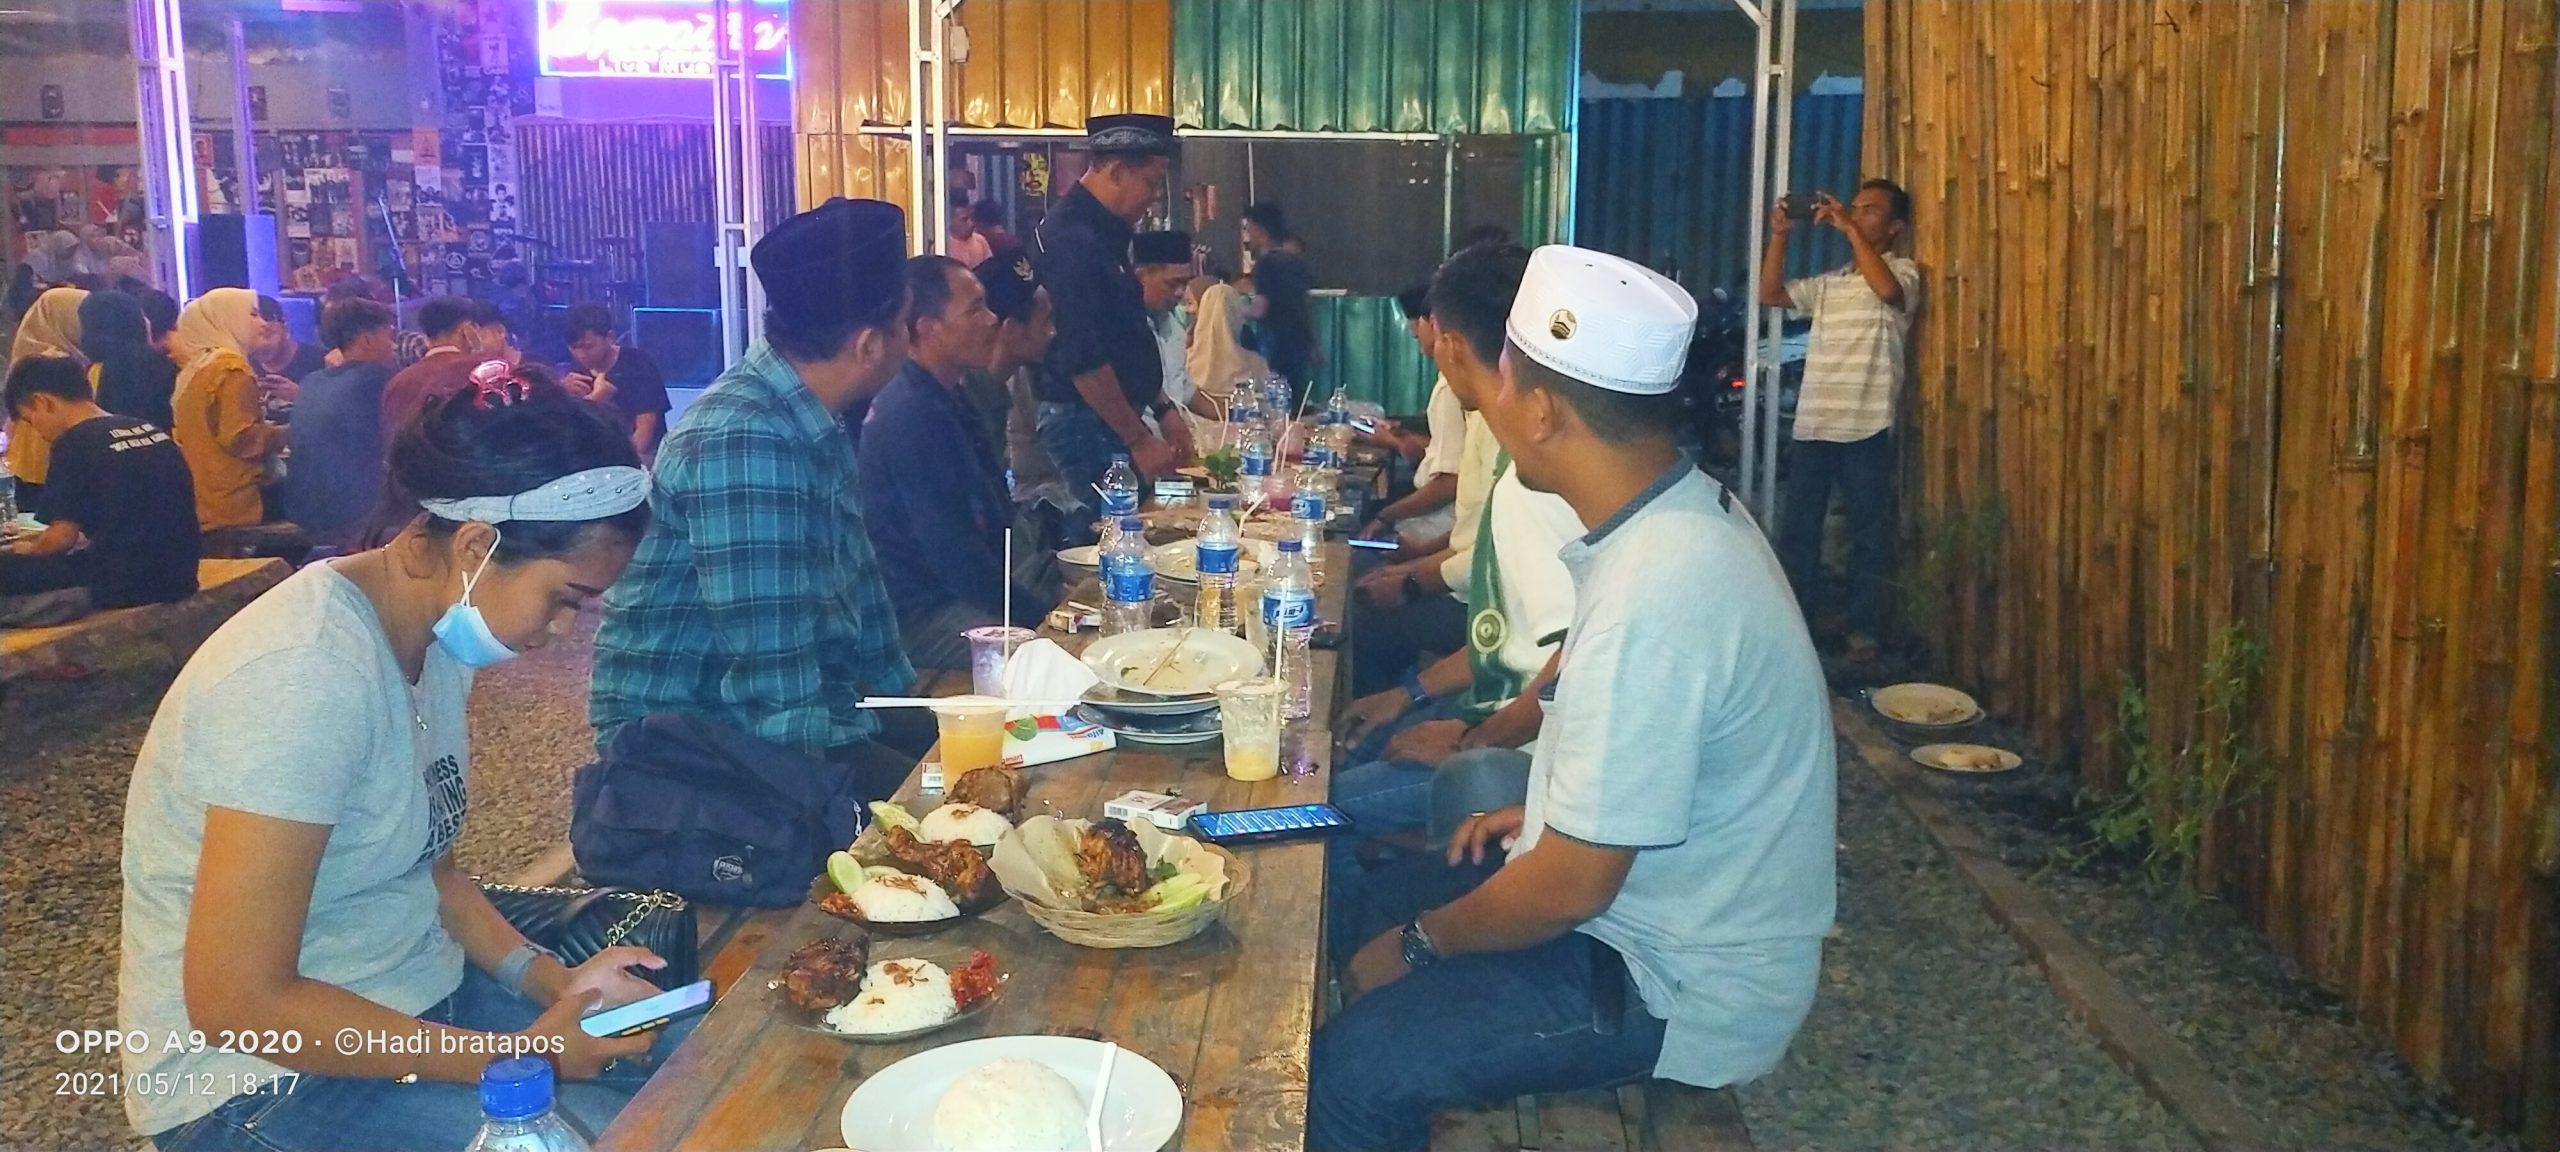 Gambar Radar Group Provinsi Banten Gelar Buka Bersama dan Diskusi di Penghujung Ramadhan 11